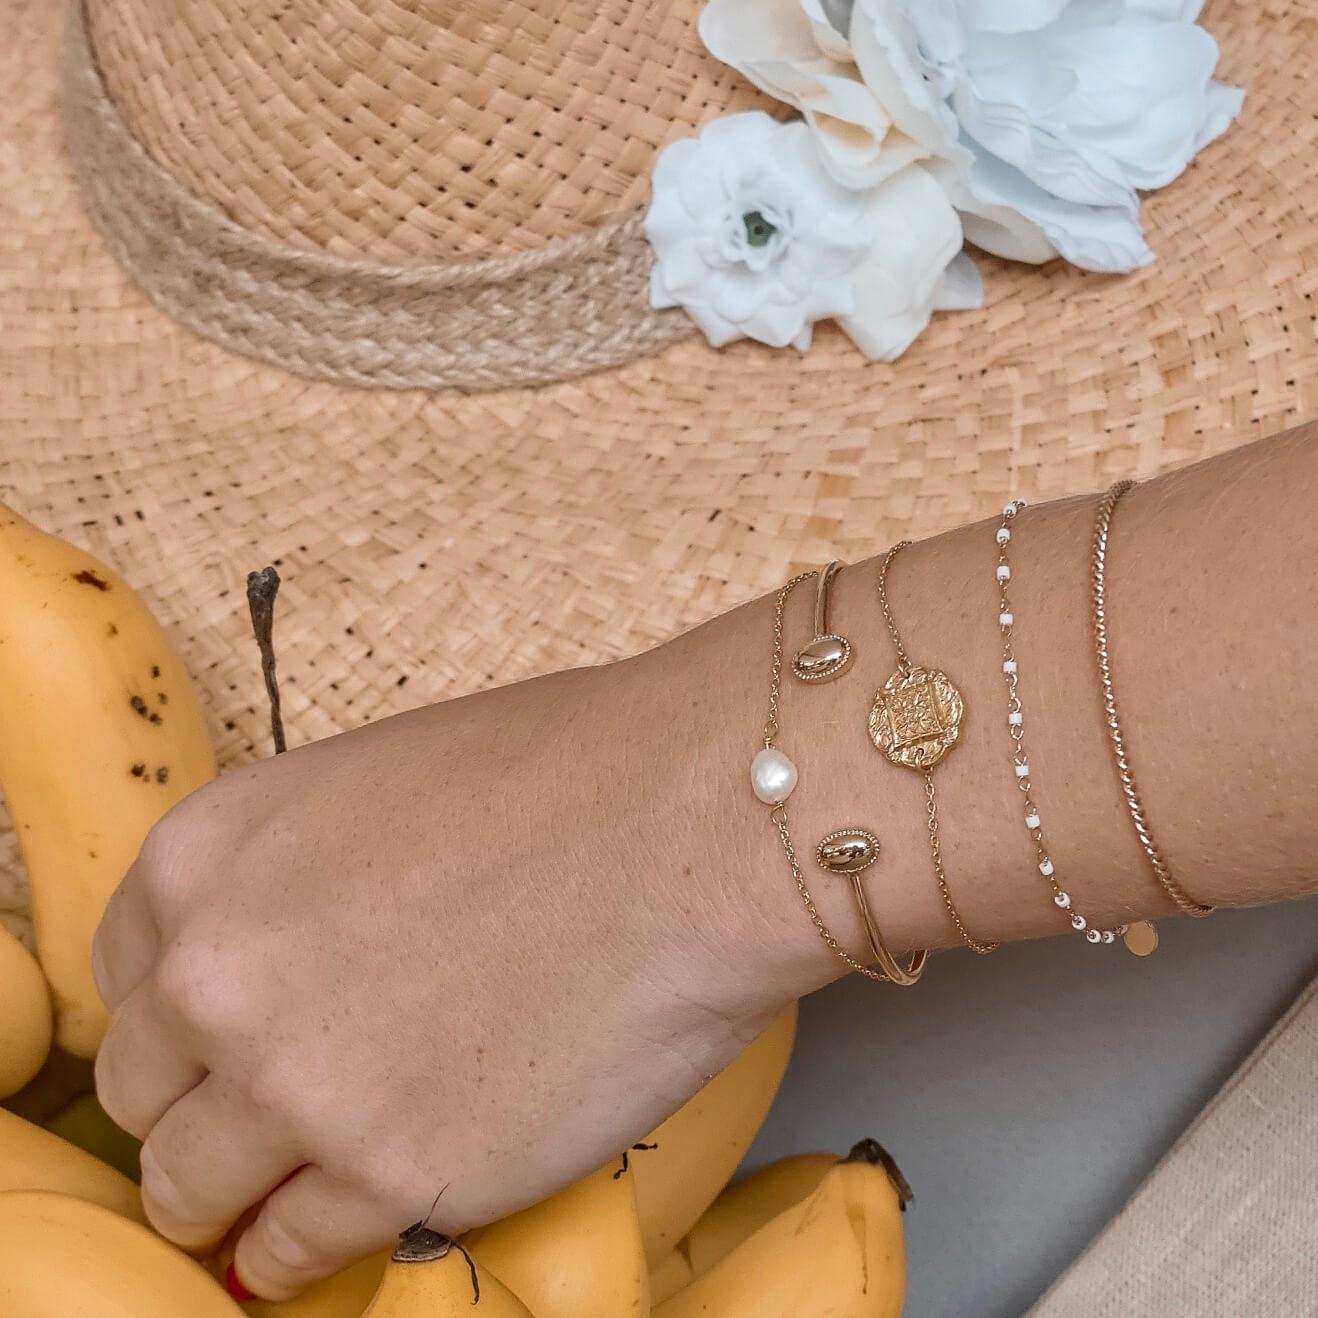 bracelet petites perles miyuki blanc - bracelet perles blanches - Jana - Cénélia